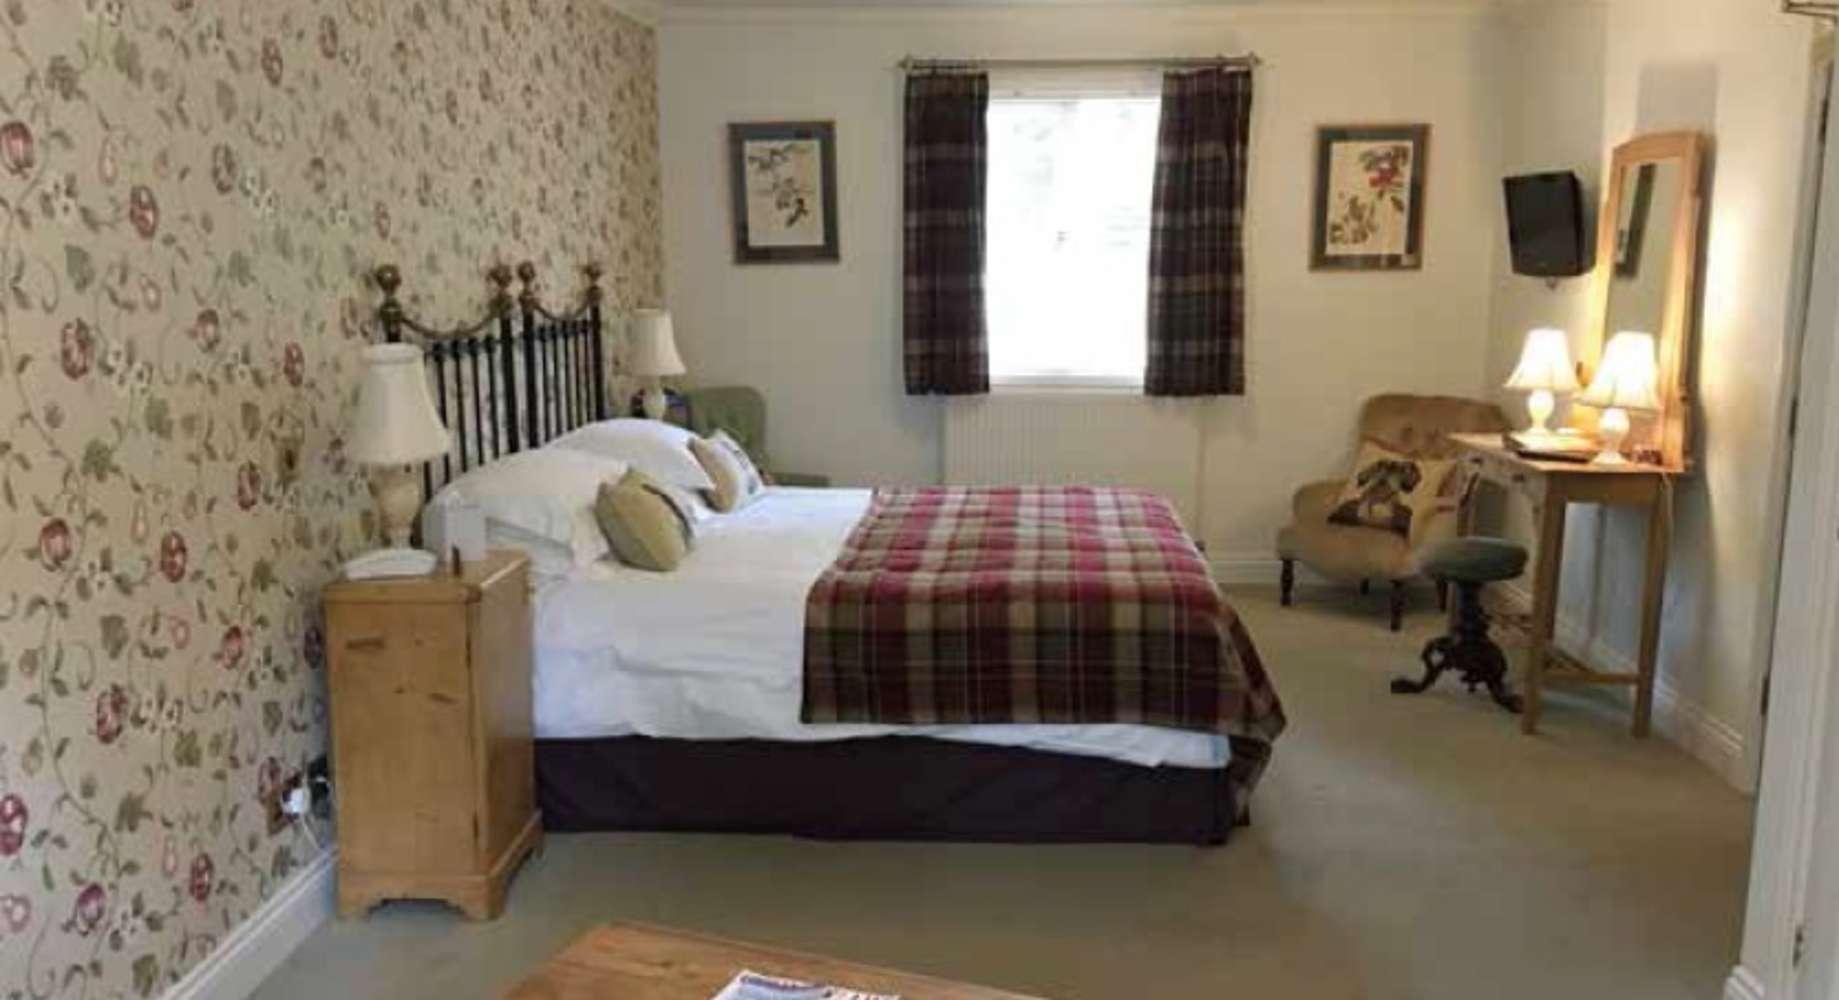 Hotel Cockermouth, CA13 9YE - The Pheasant Inn - 4